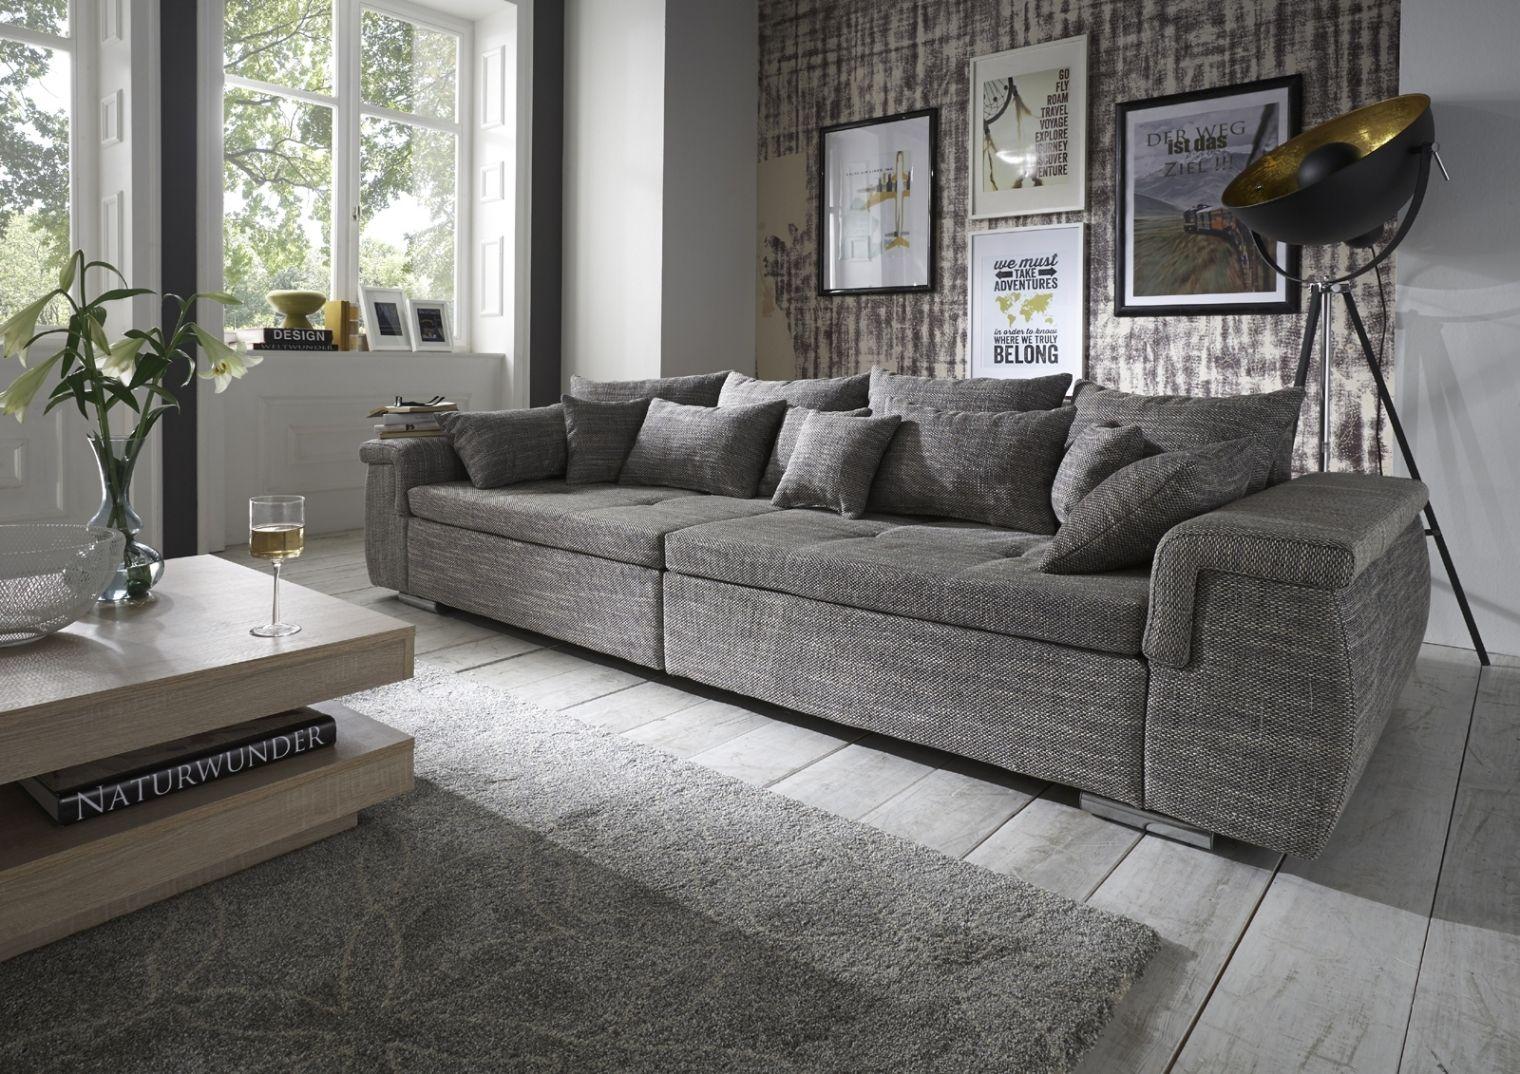 Wohnzimmer couch ~ Neu wohnzimmer couch grau wohnzimmer couch pinterest